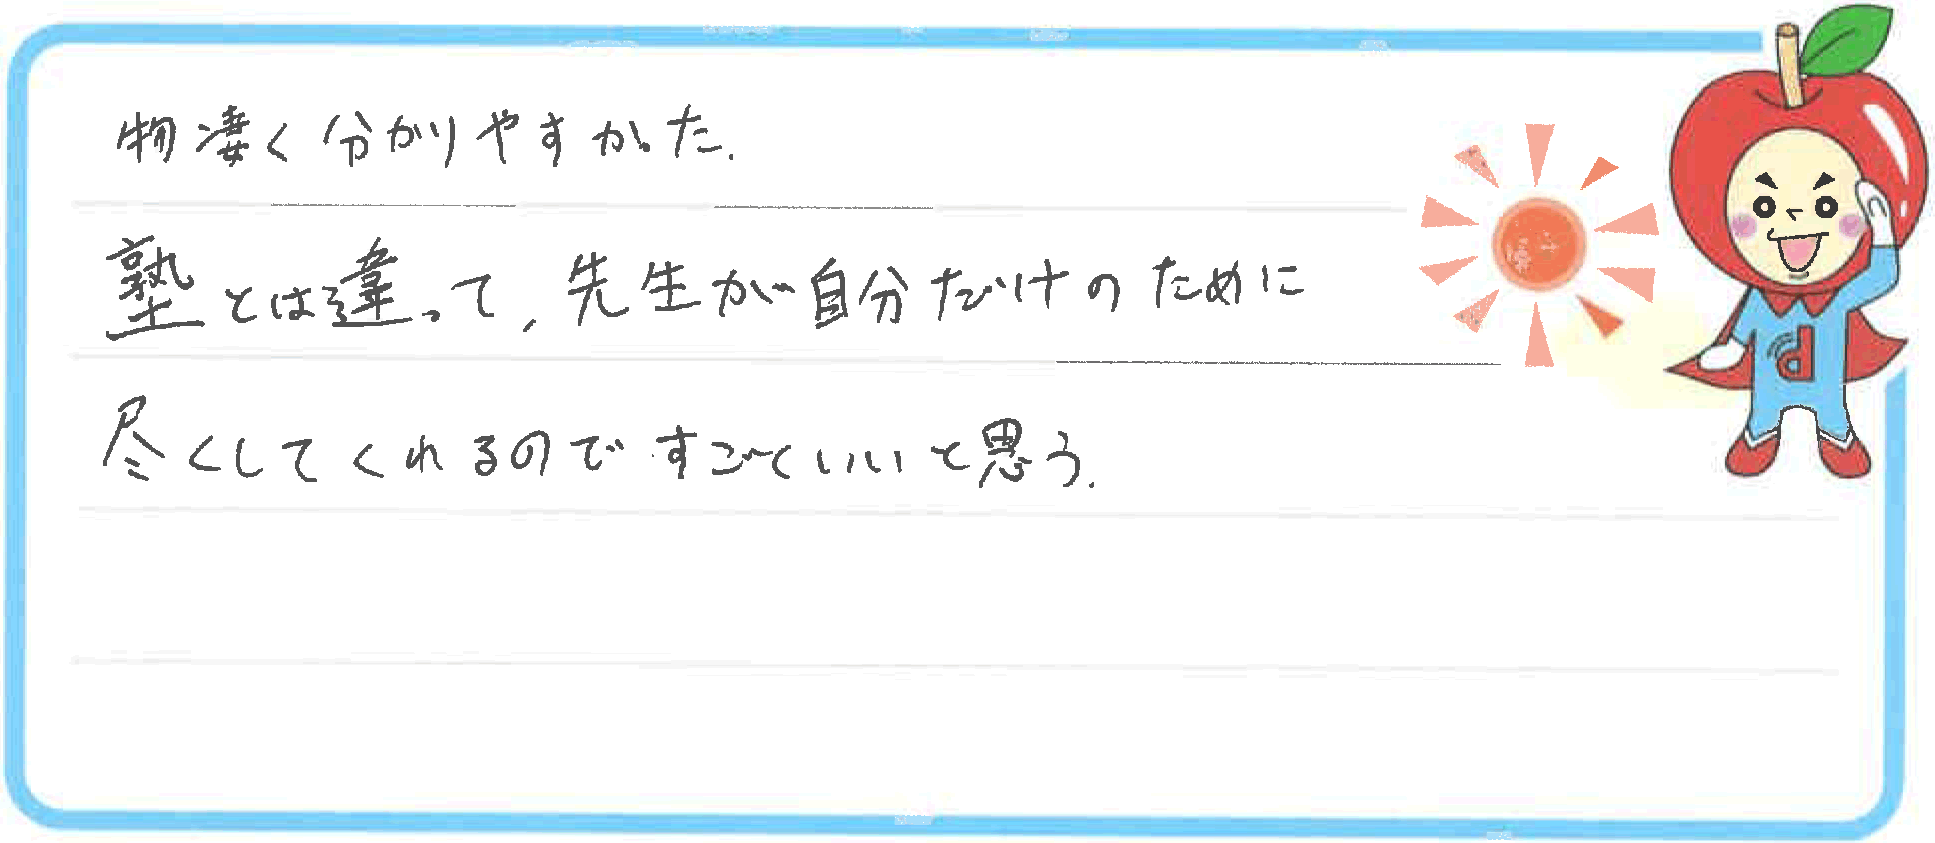 りゅうき君(津山市)からの口コミ